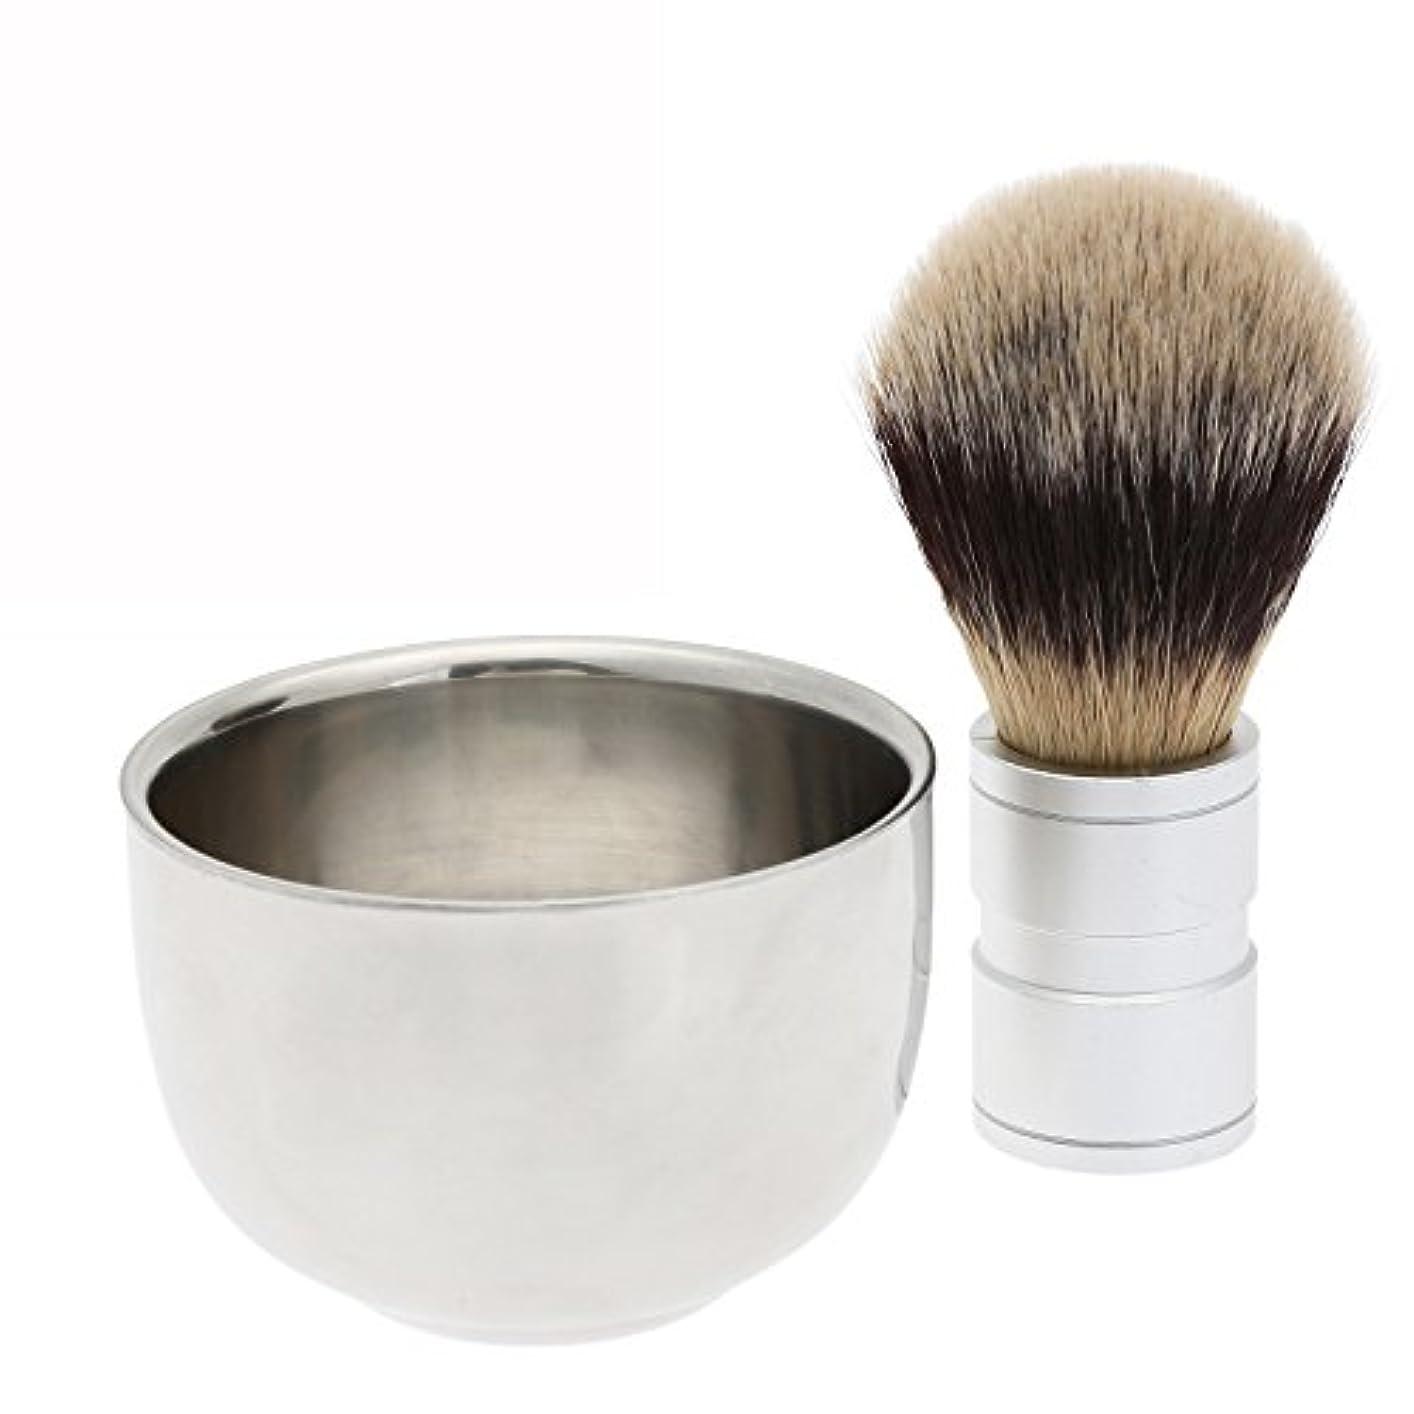 比率革命的漏れ2PC/セット メンズシェービング用 シェービングブラシ +ステンレス鋼のボウルマグカップ ギフト 理容 洗顔 髭剃り